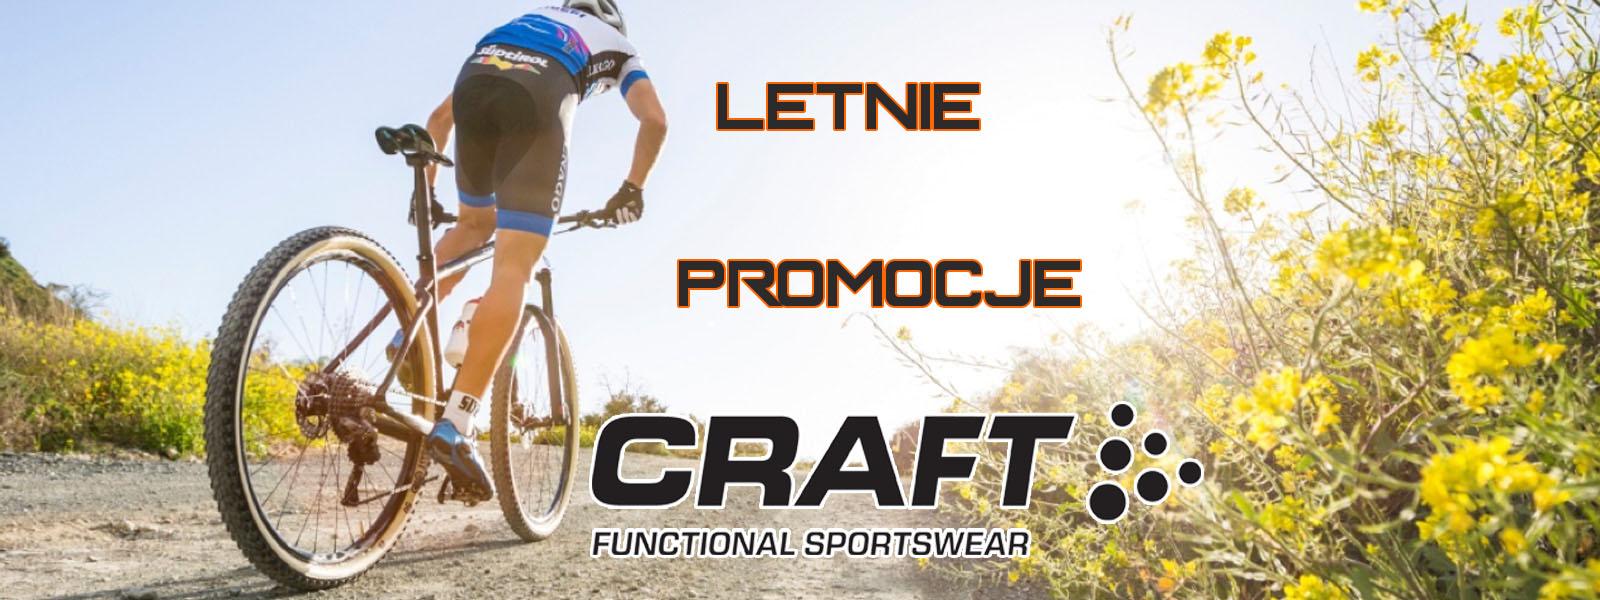 promocja na letnią odzież rowerową craft, spodenki i koszulki rowerowe